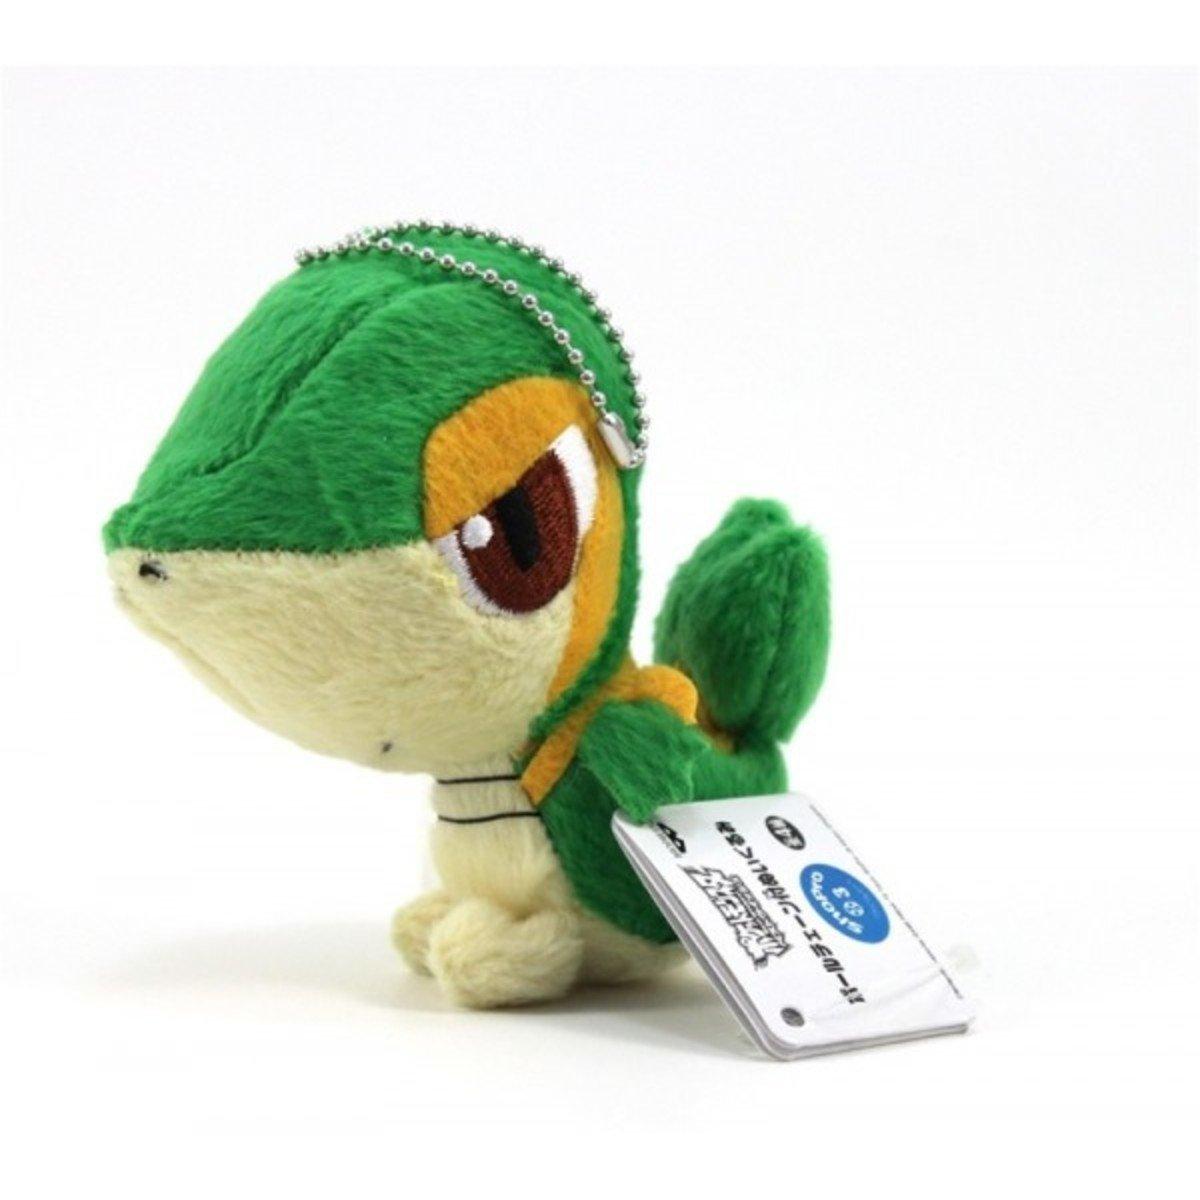 寵物小精靈 超級願望 葉藤蛇 迷你毛公仔鎖匙扣